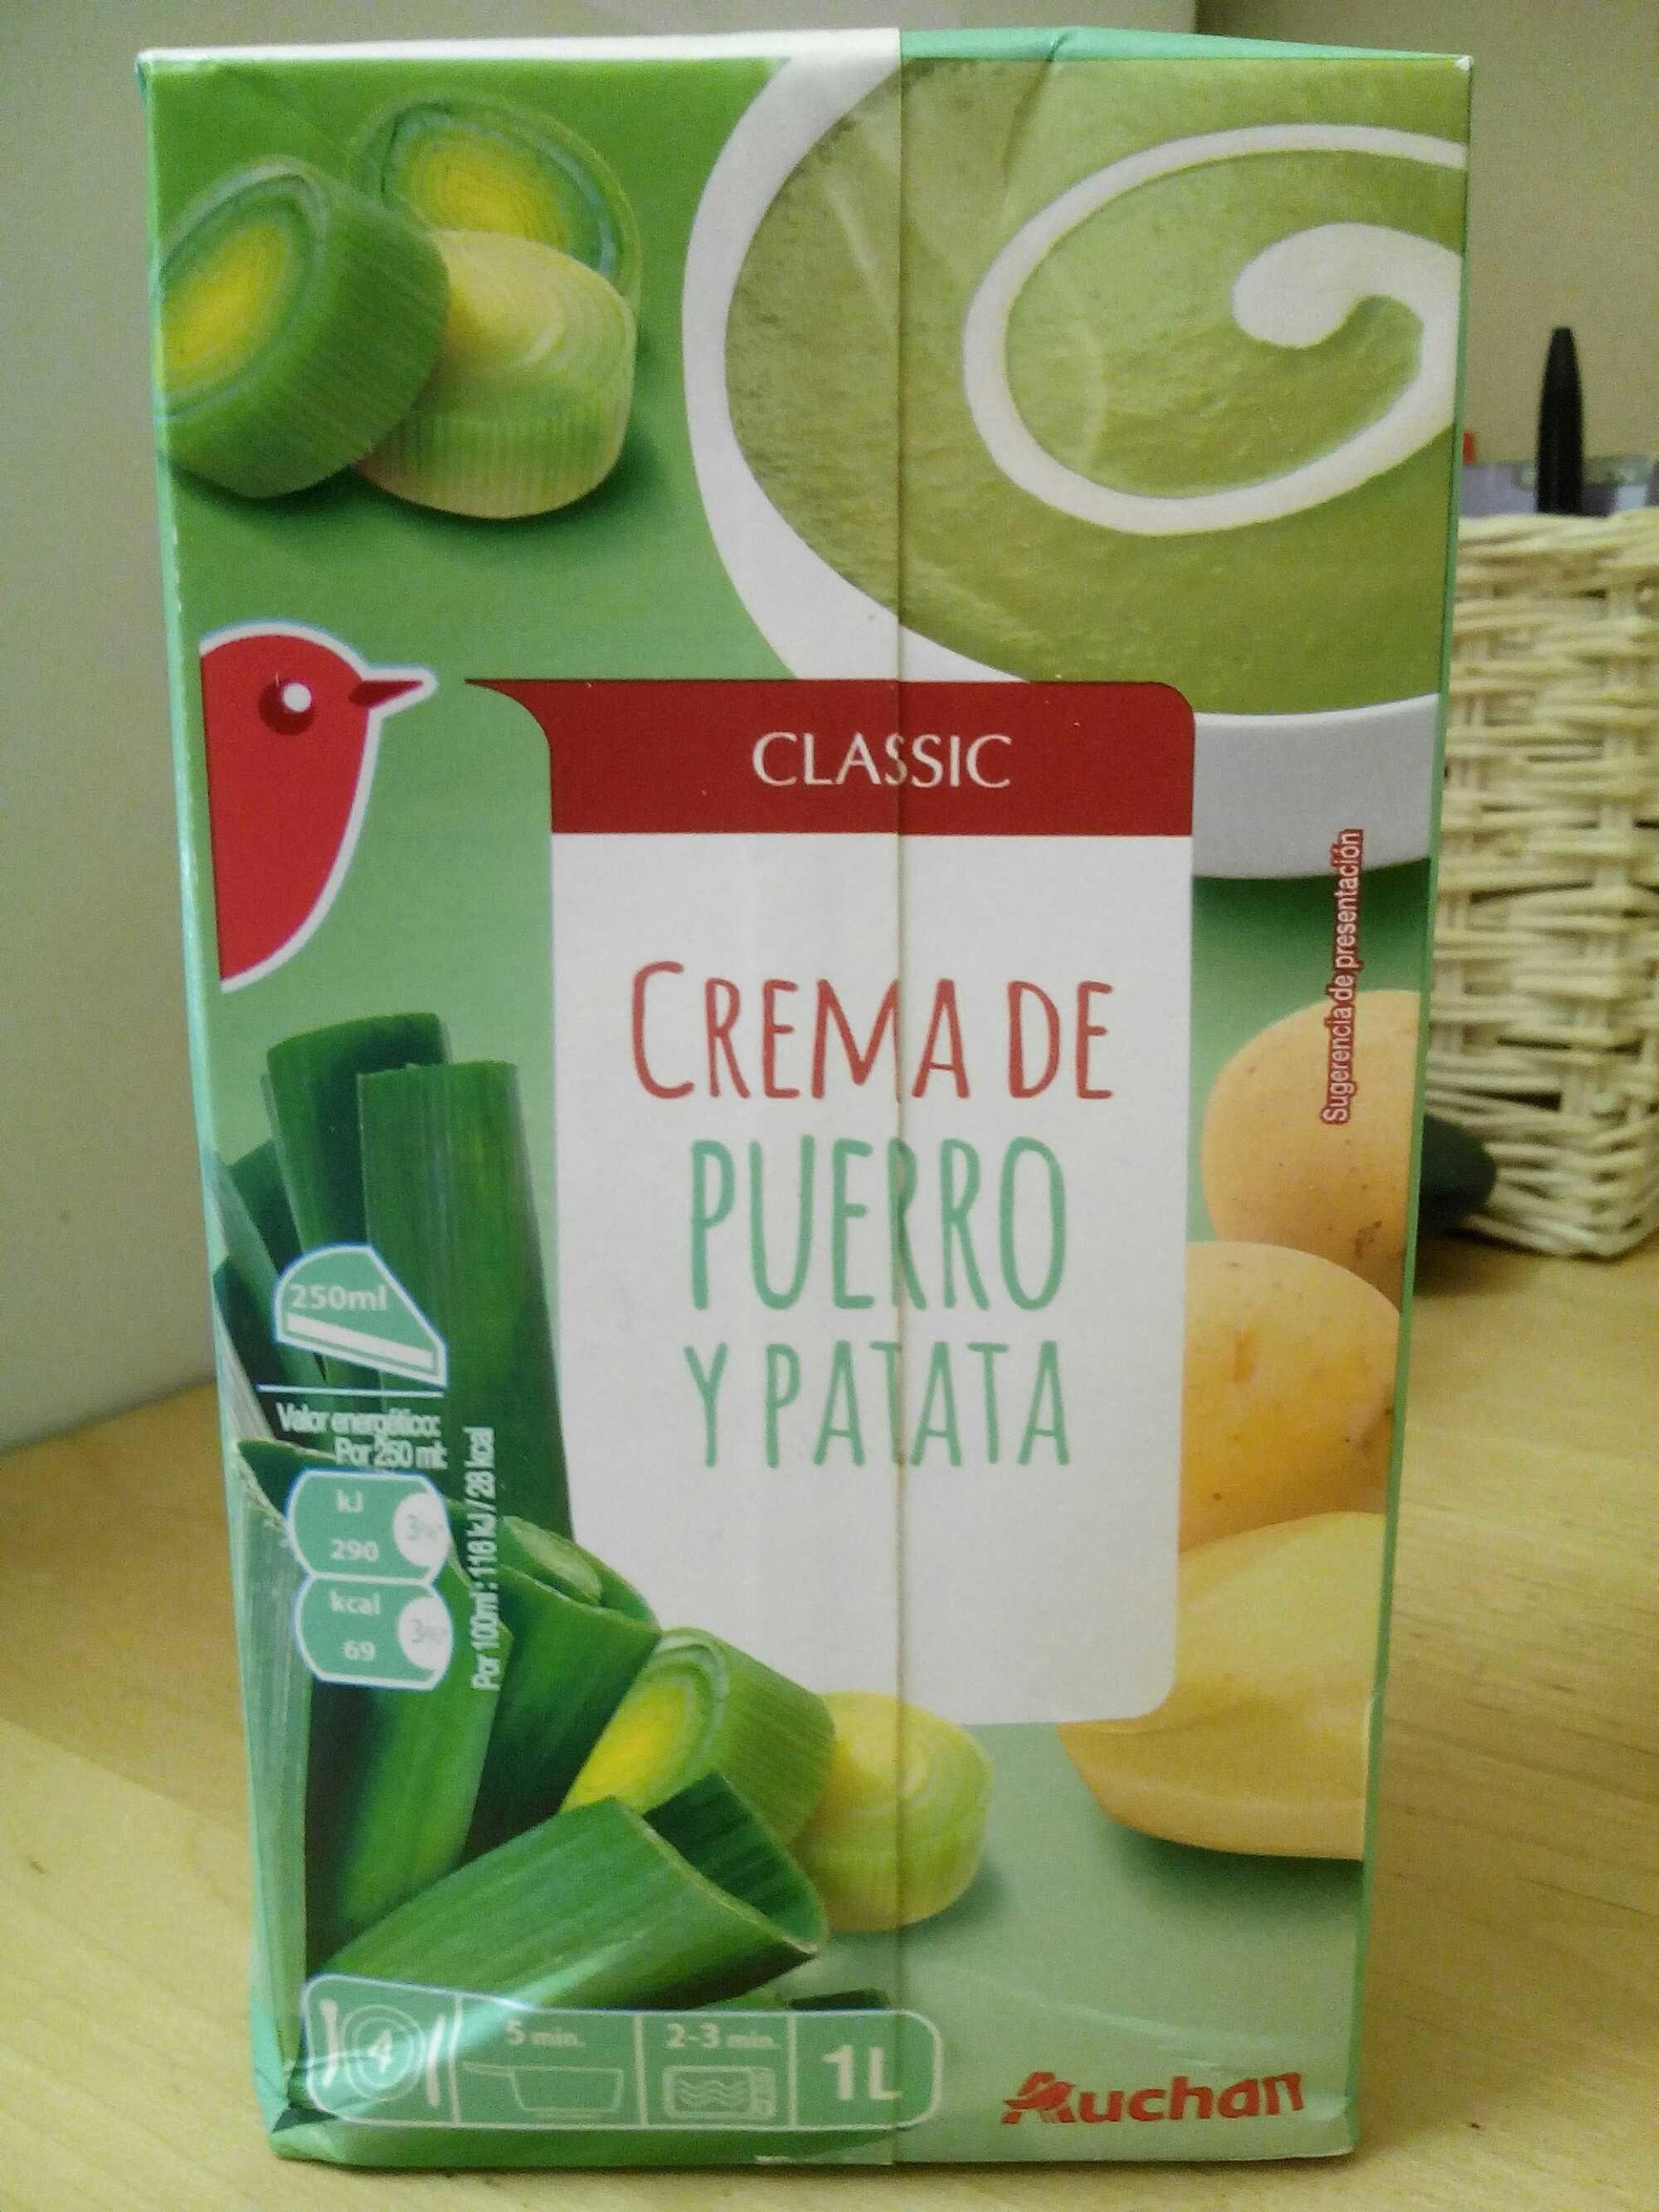 Velouté de poireaux pommes de terre - Product - fr